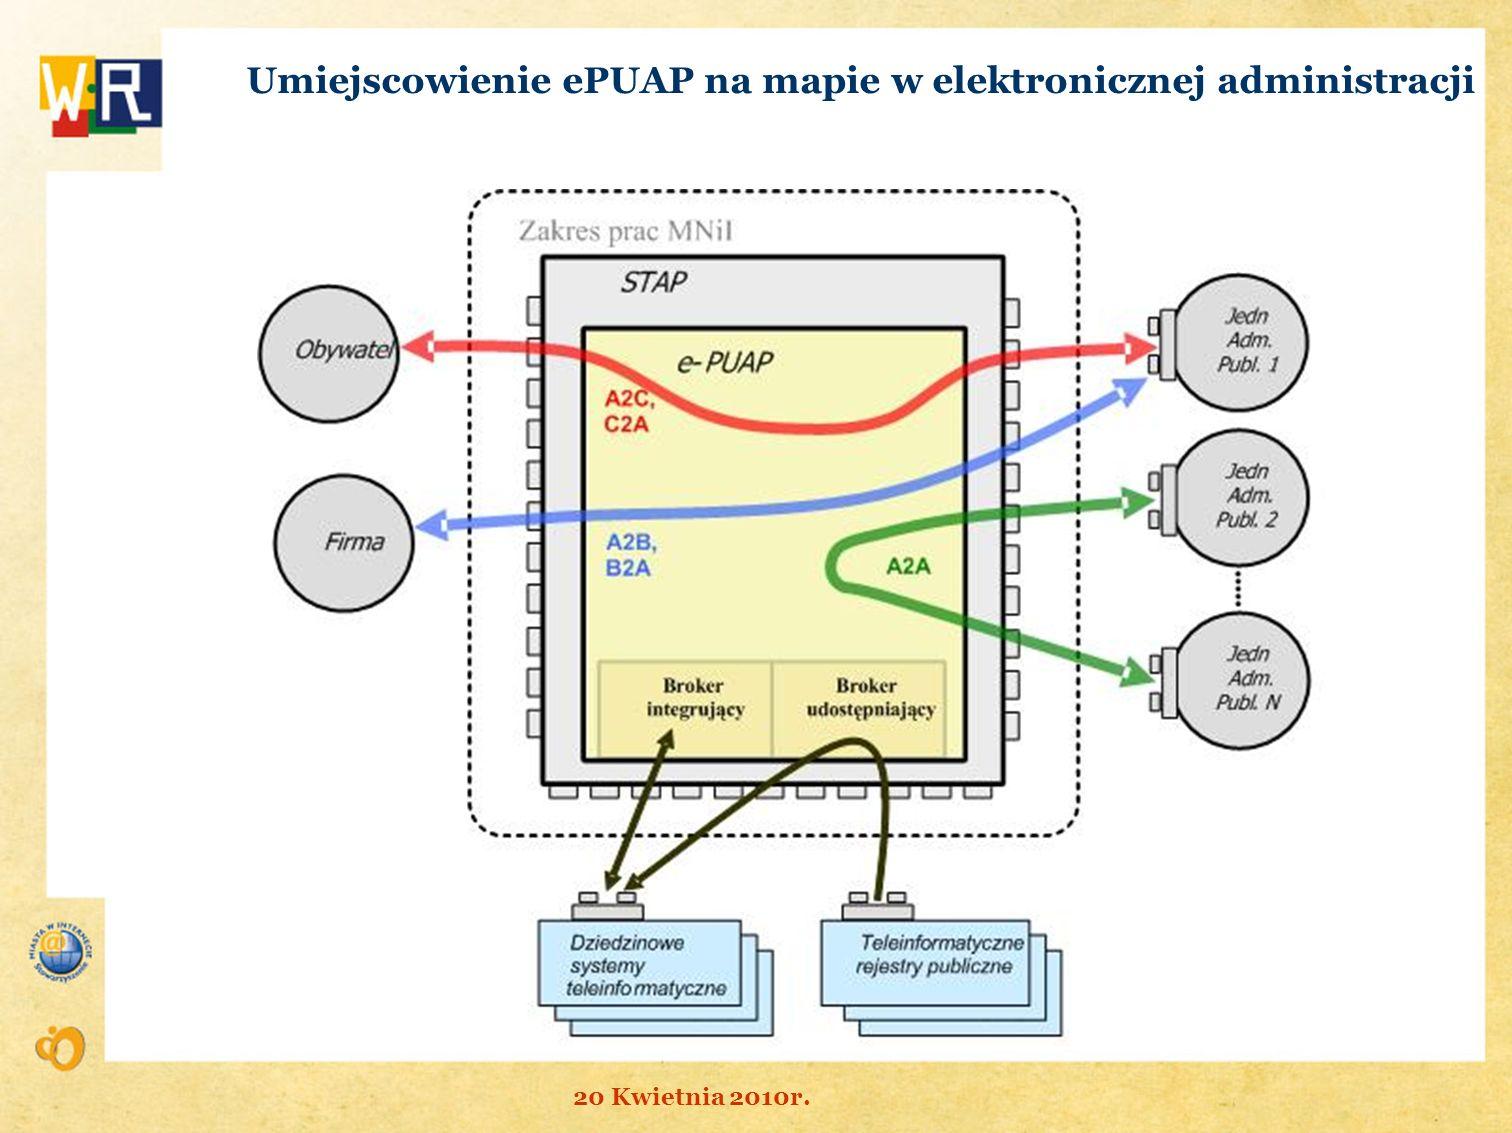 Umiejscowienie ePUAP na mapie w elektronicznej administracji